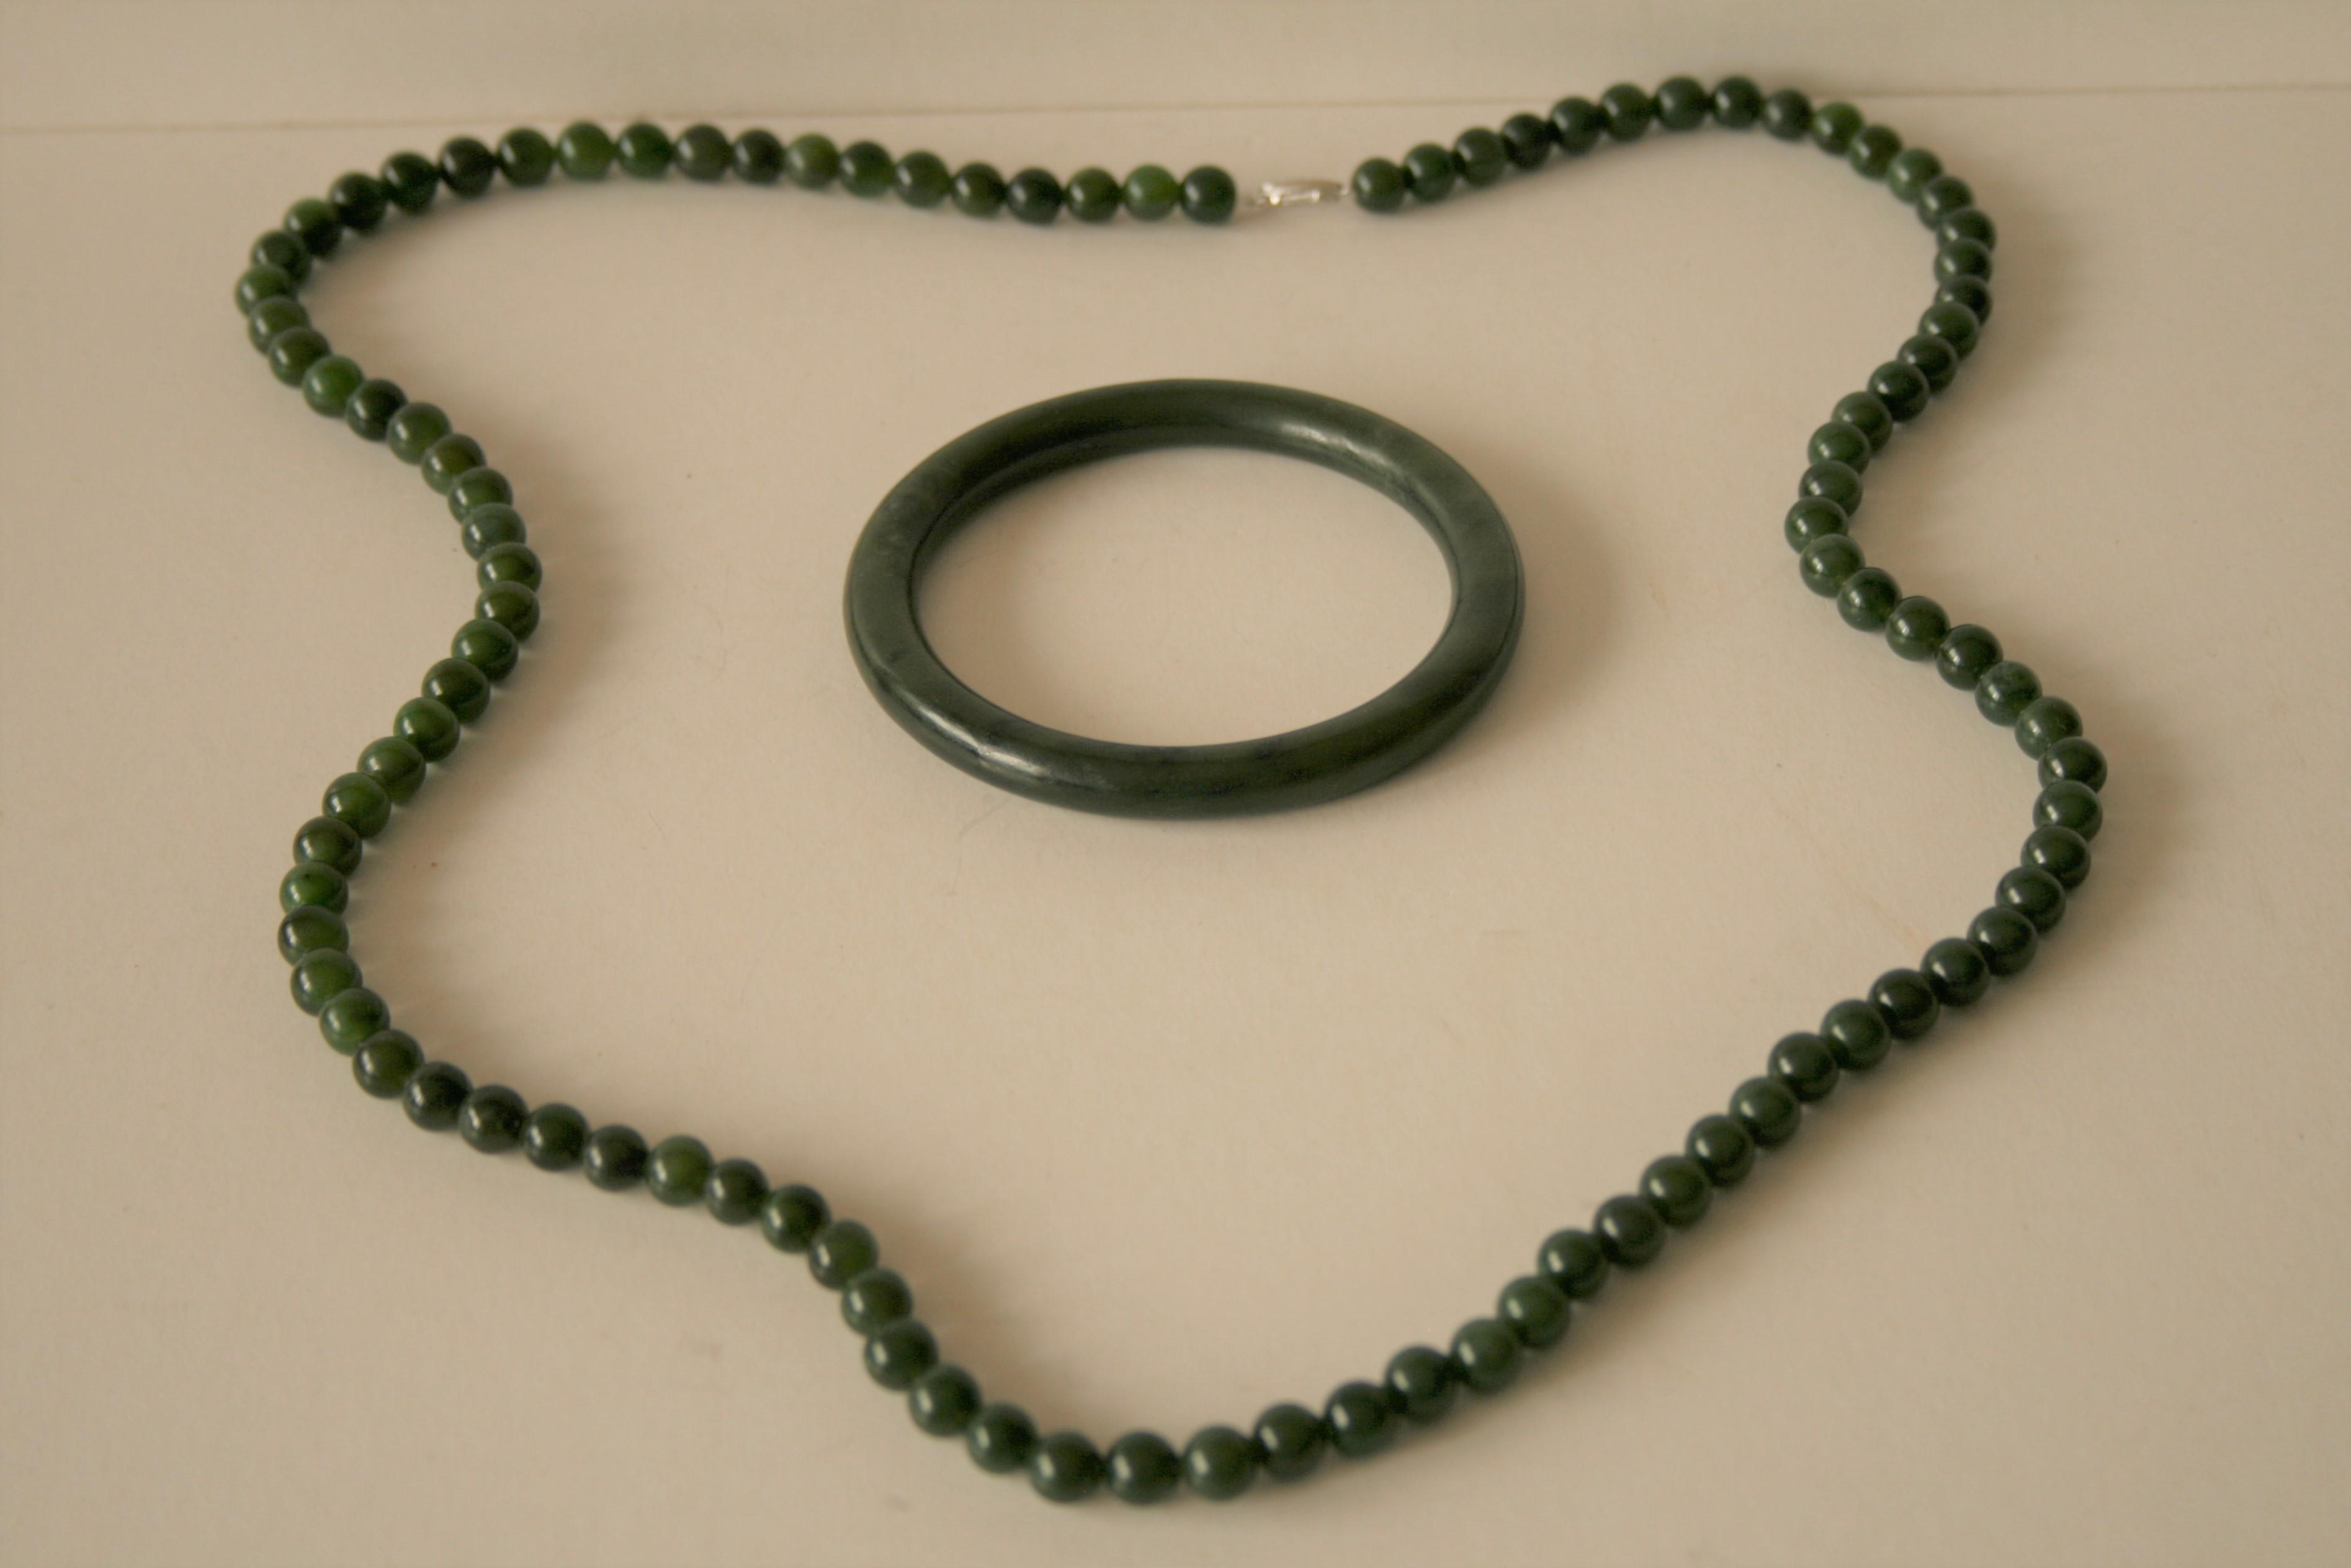 Collier et bracelet en jadéite, travail des années 80, fermoir du collier en argent [...]